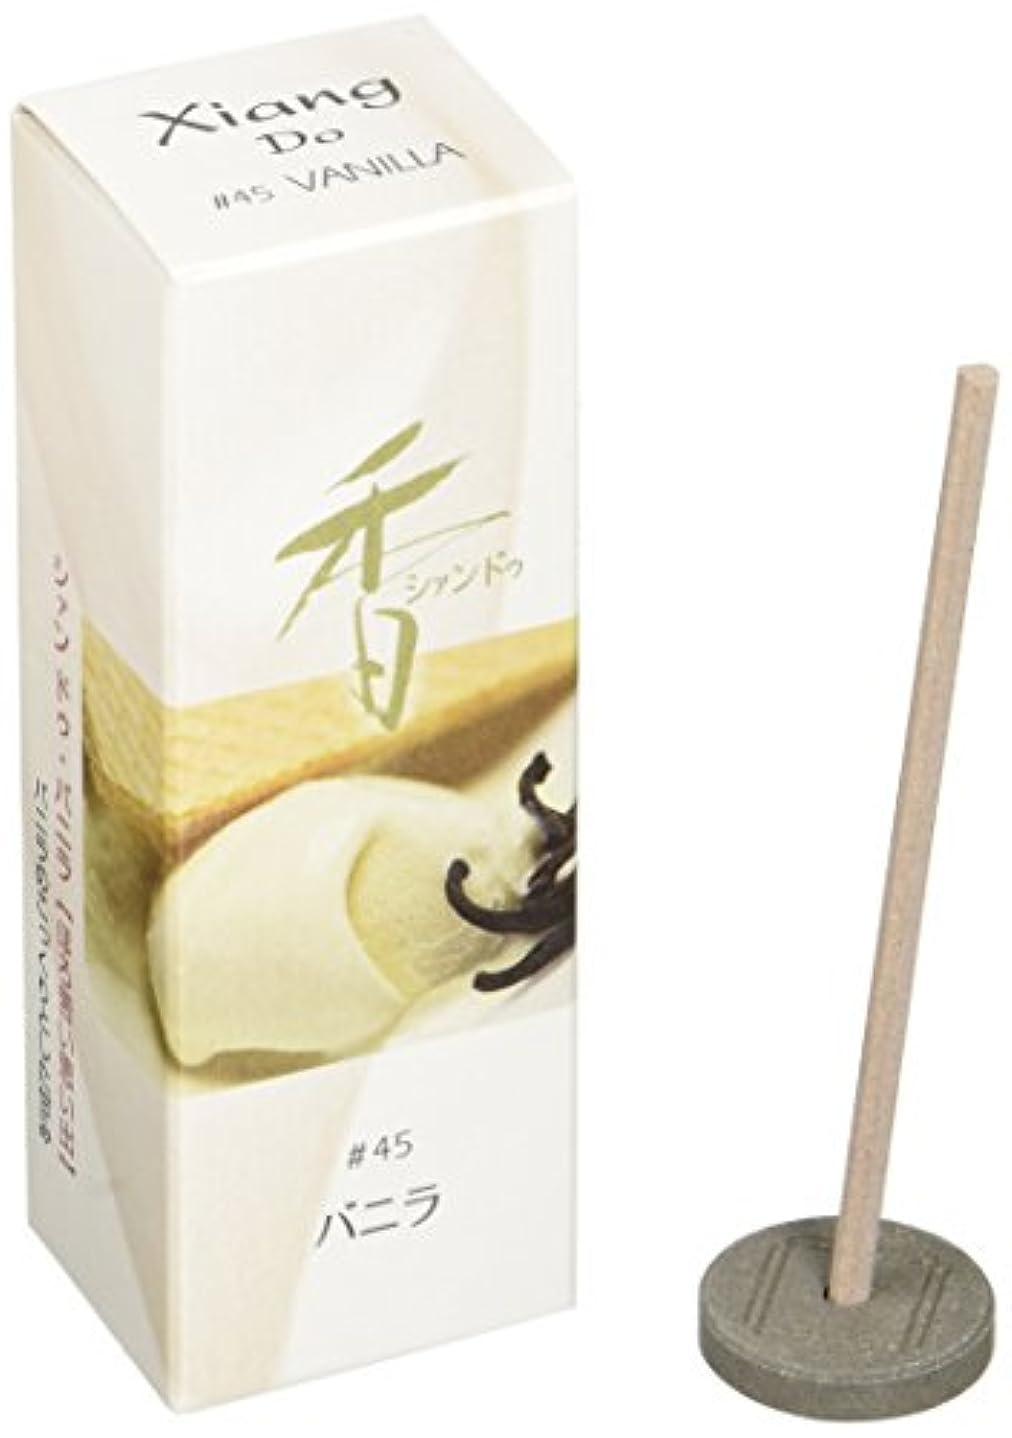 デクリメント熟考する申し立て松栄堂のお香 Xiang Do(シャンドゥ) バニラ ST20本入 簡易香立付 #214245